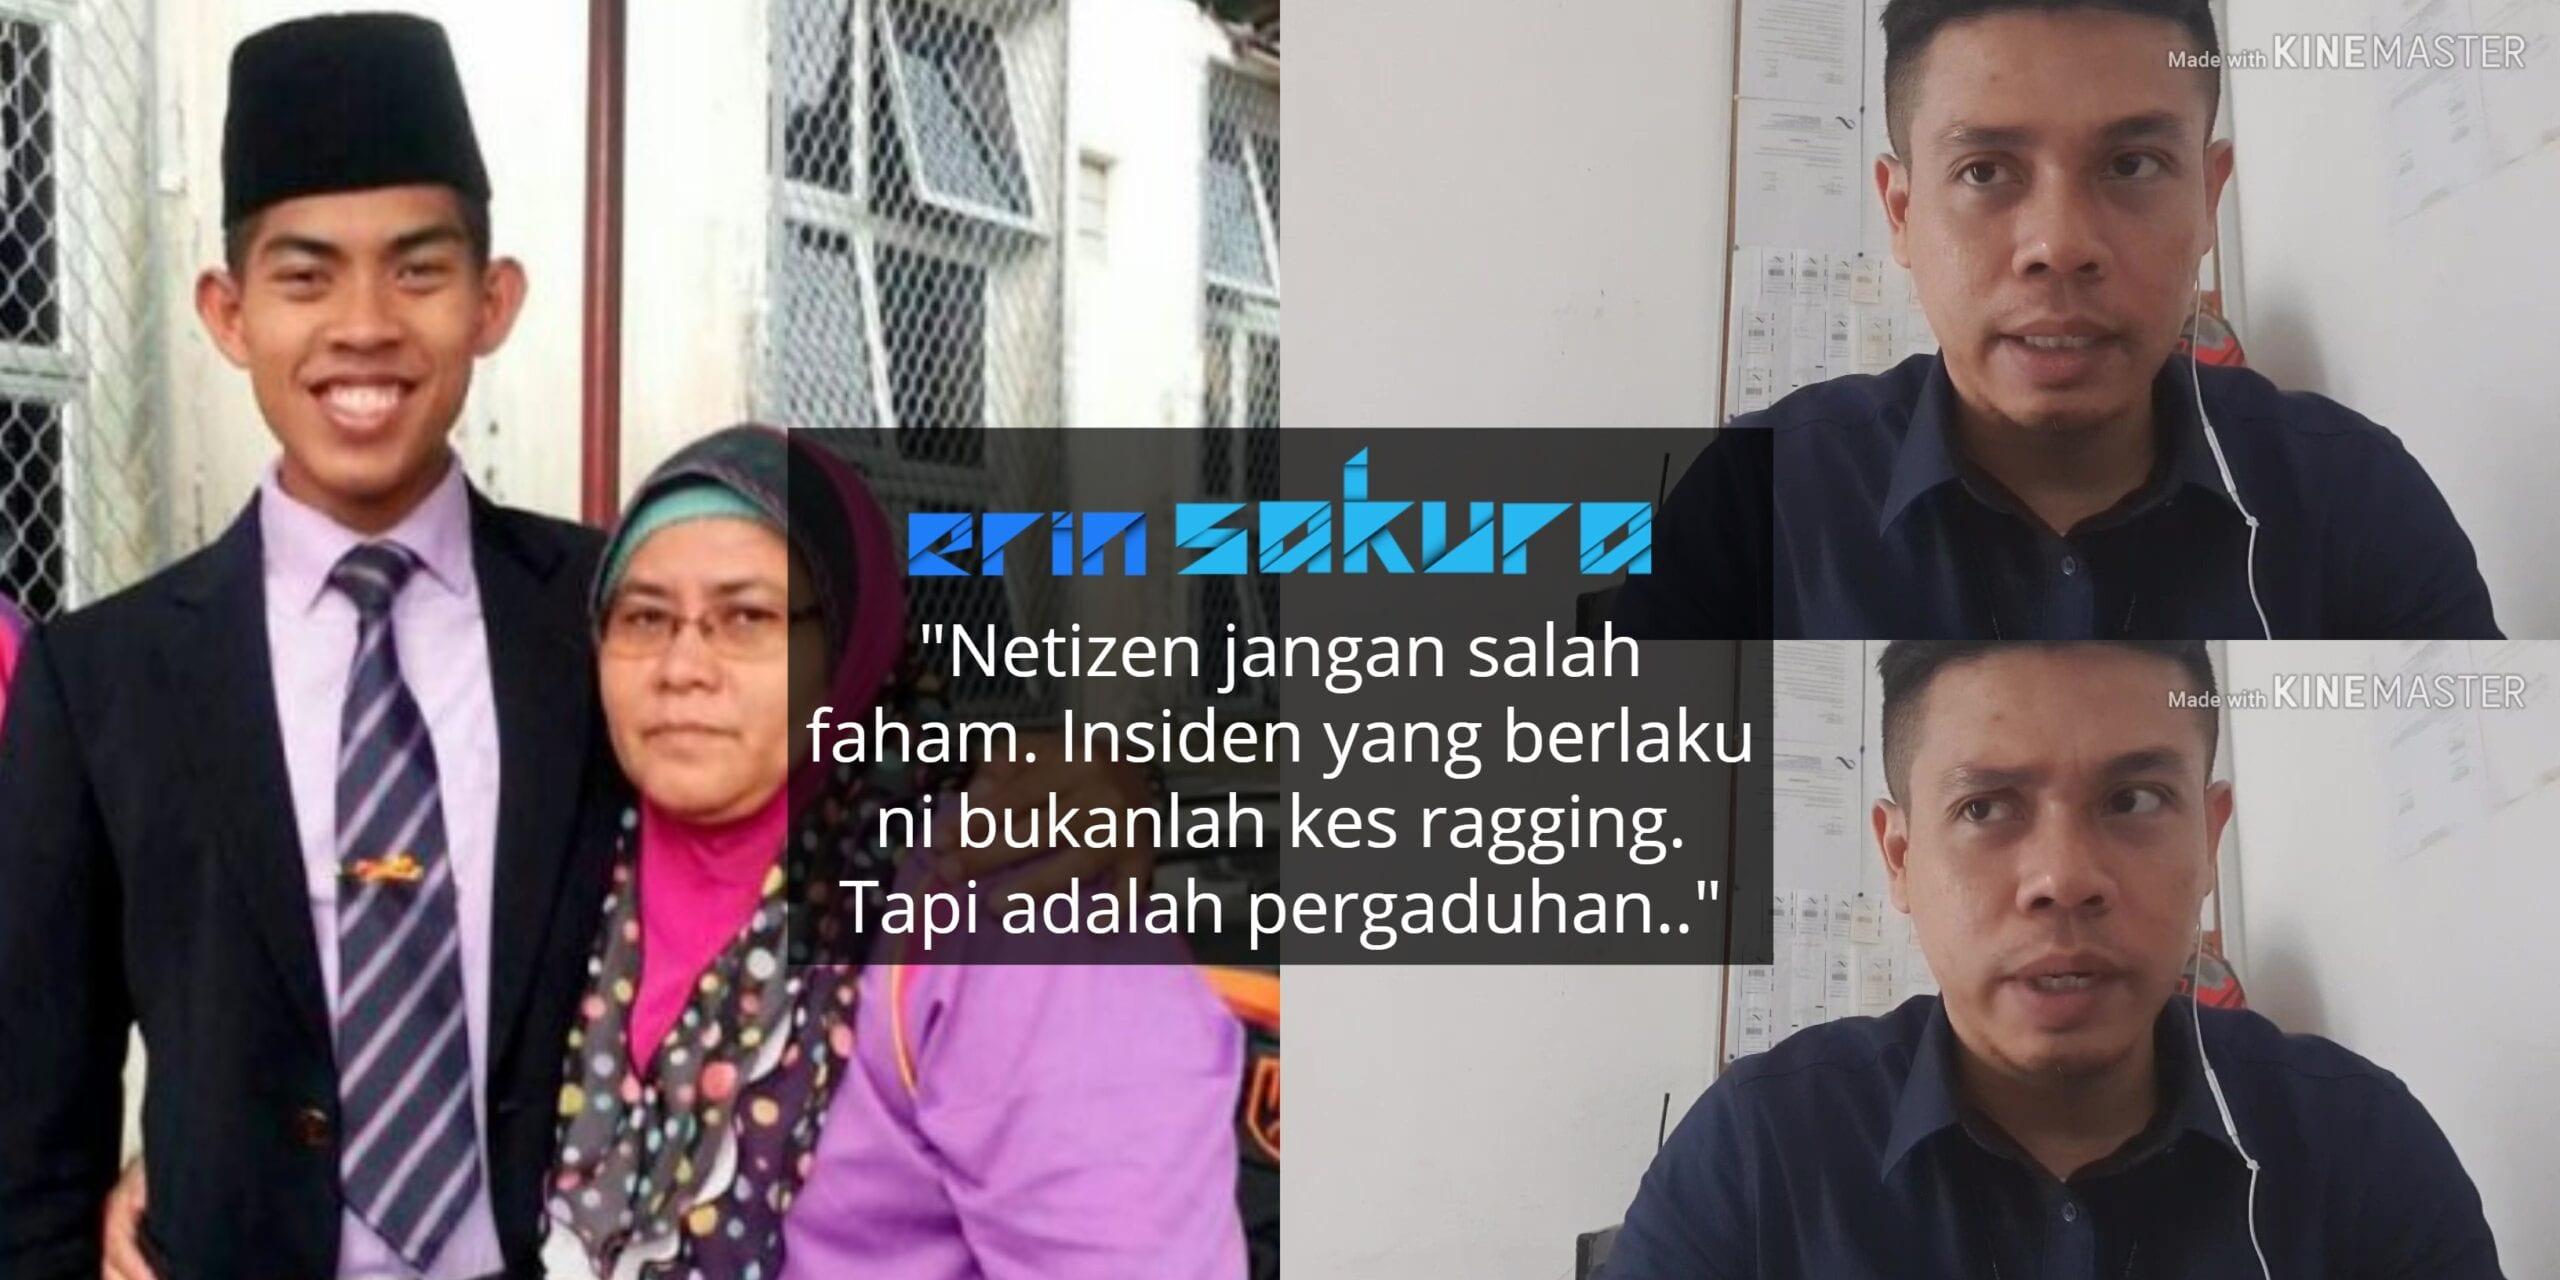 Bekas Tentera Kongsi Pandangan Dari Sudut Berbeza Mengenai Insiden Zulfarhan..